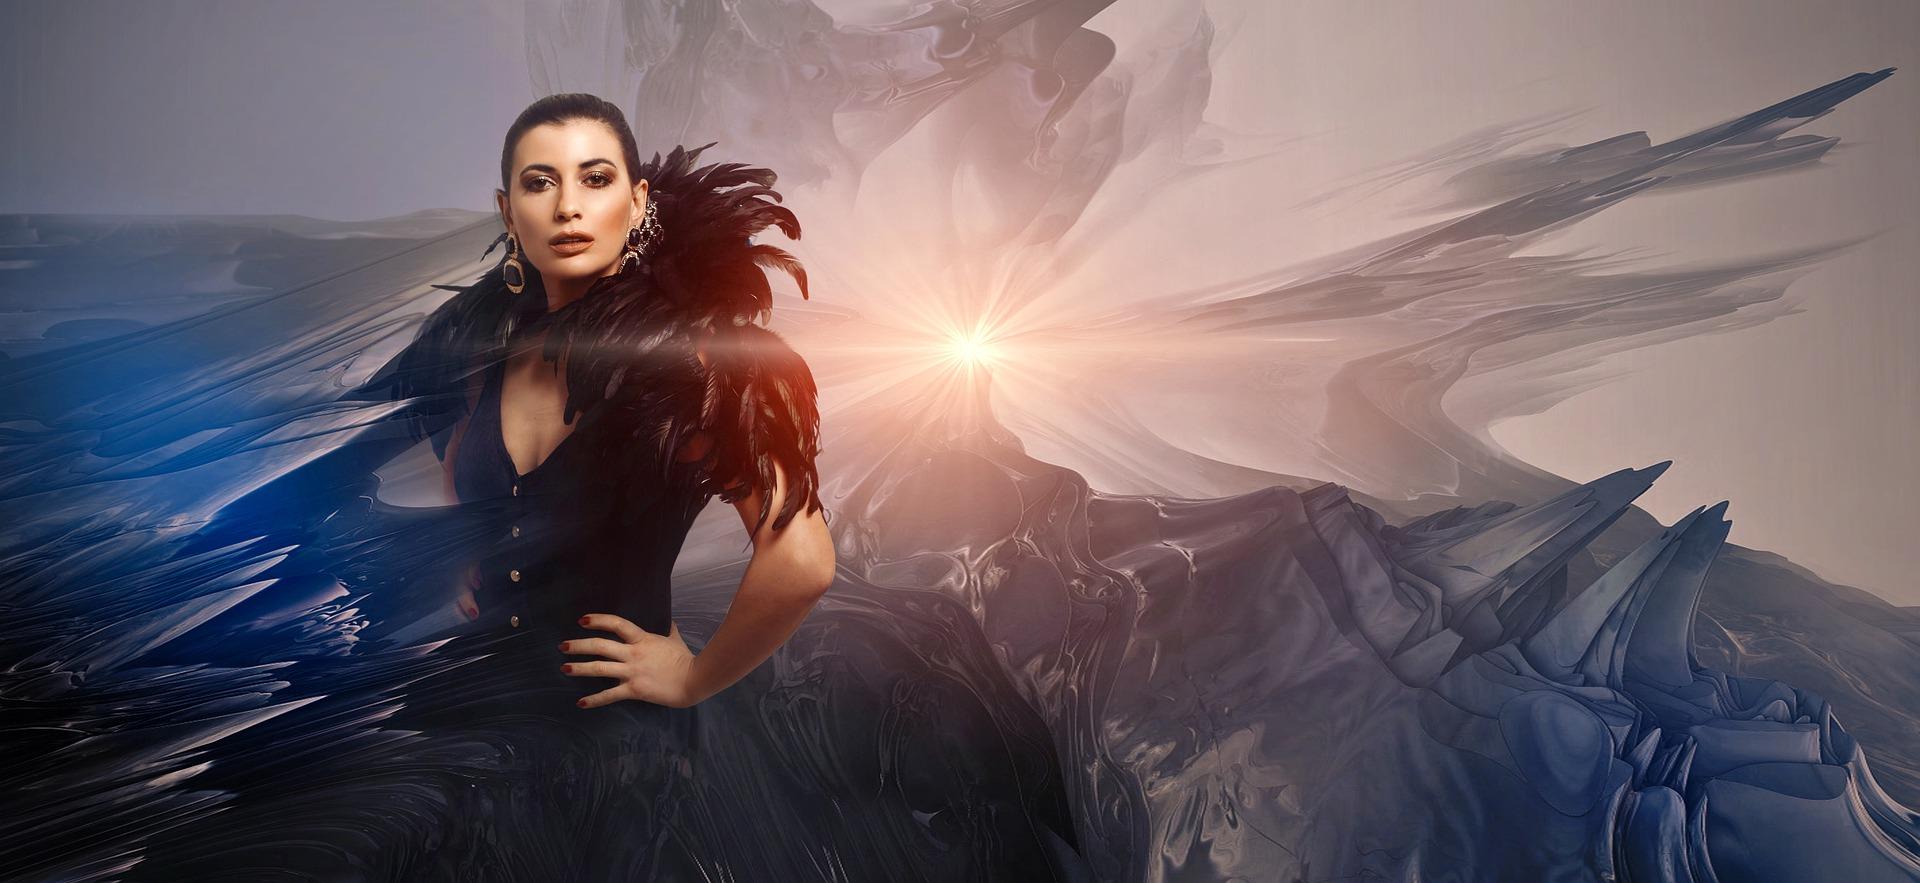 Raven Queen of Battle